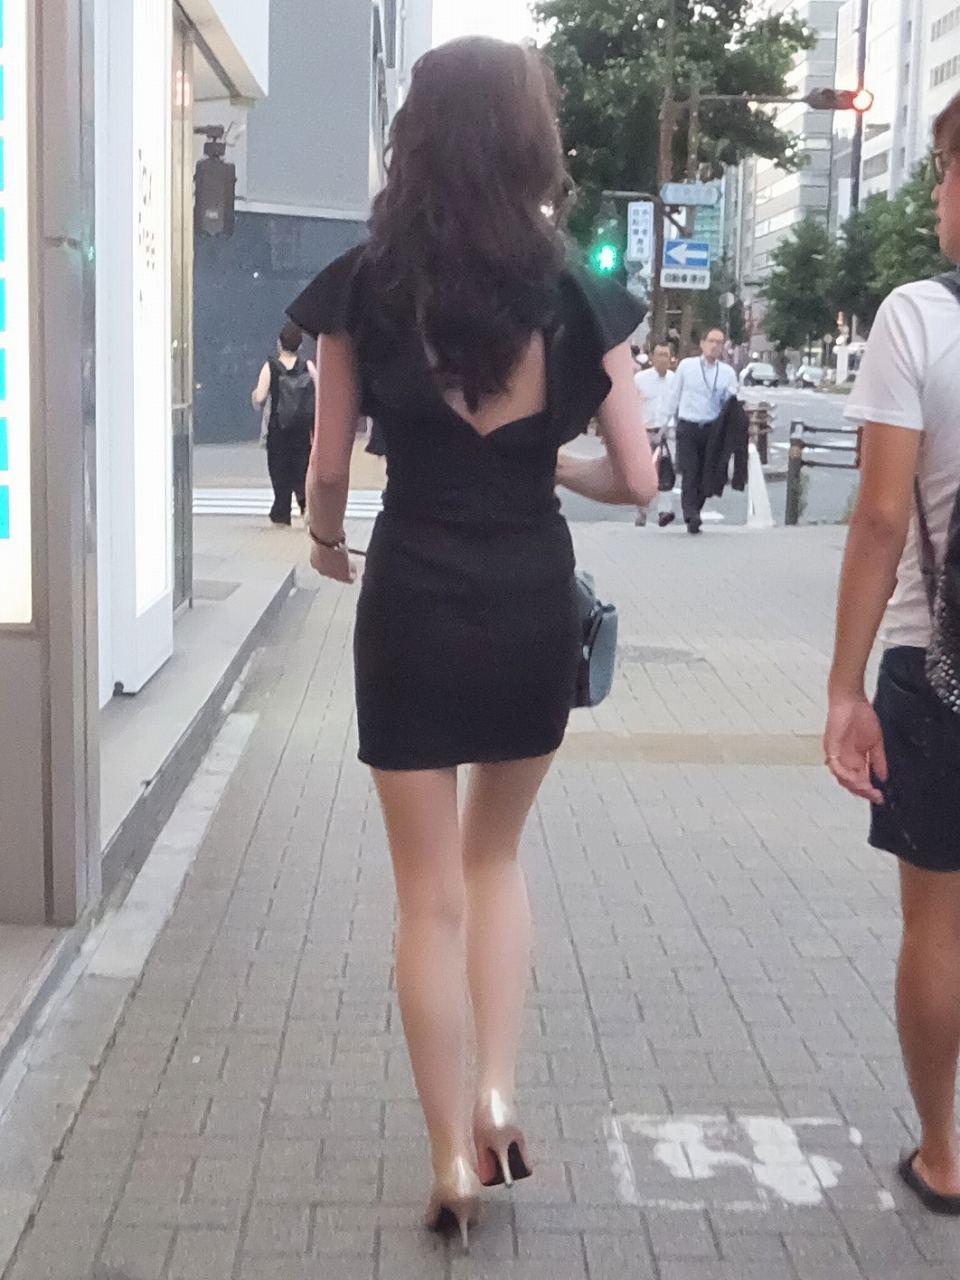 妖艶な雰囲気が漂う美女のミニスカ美脚!